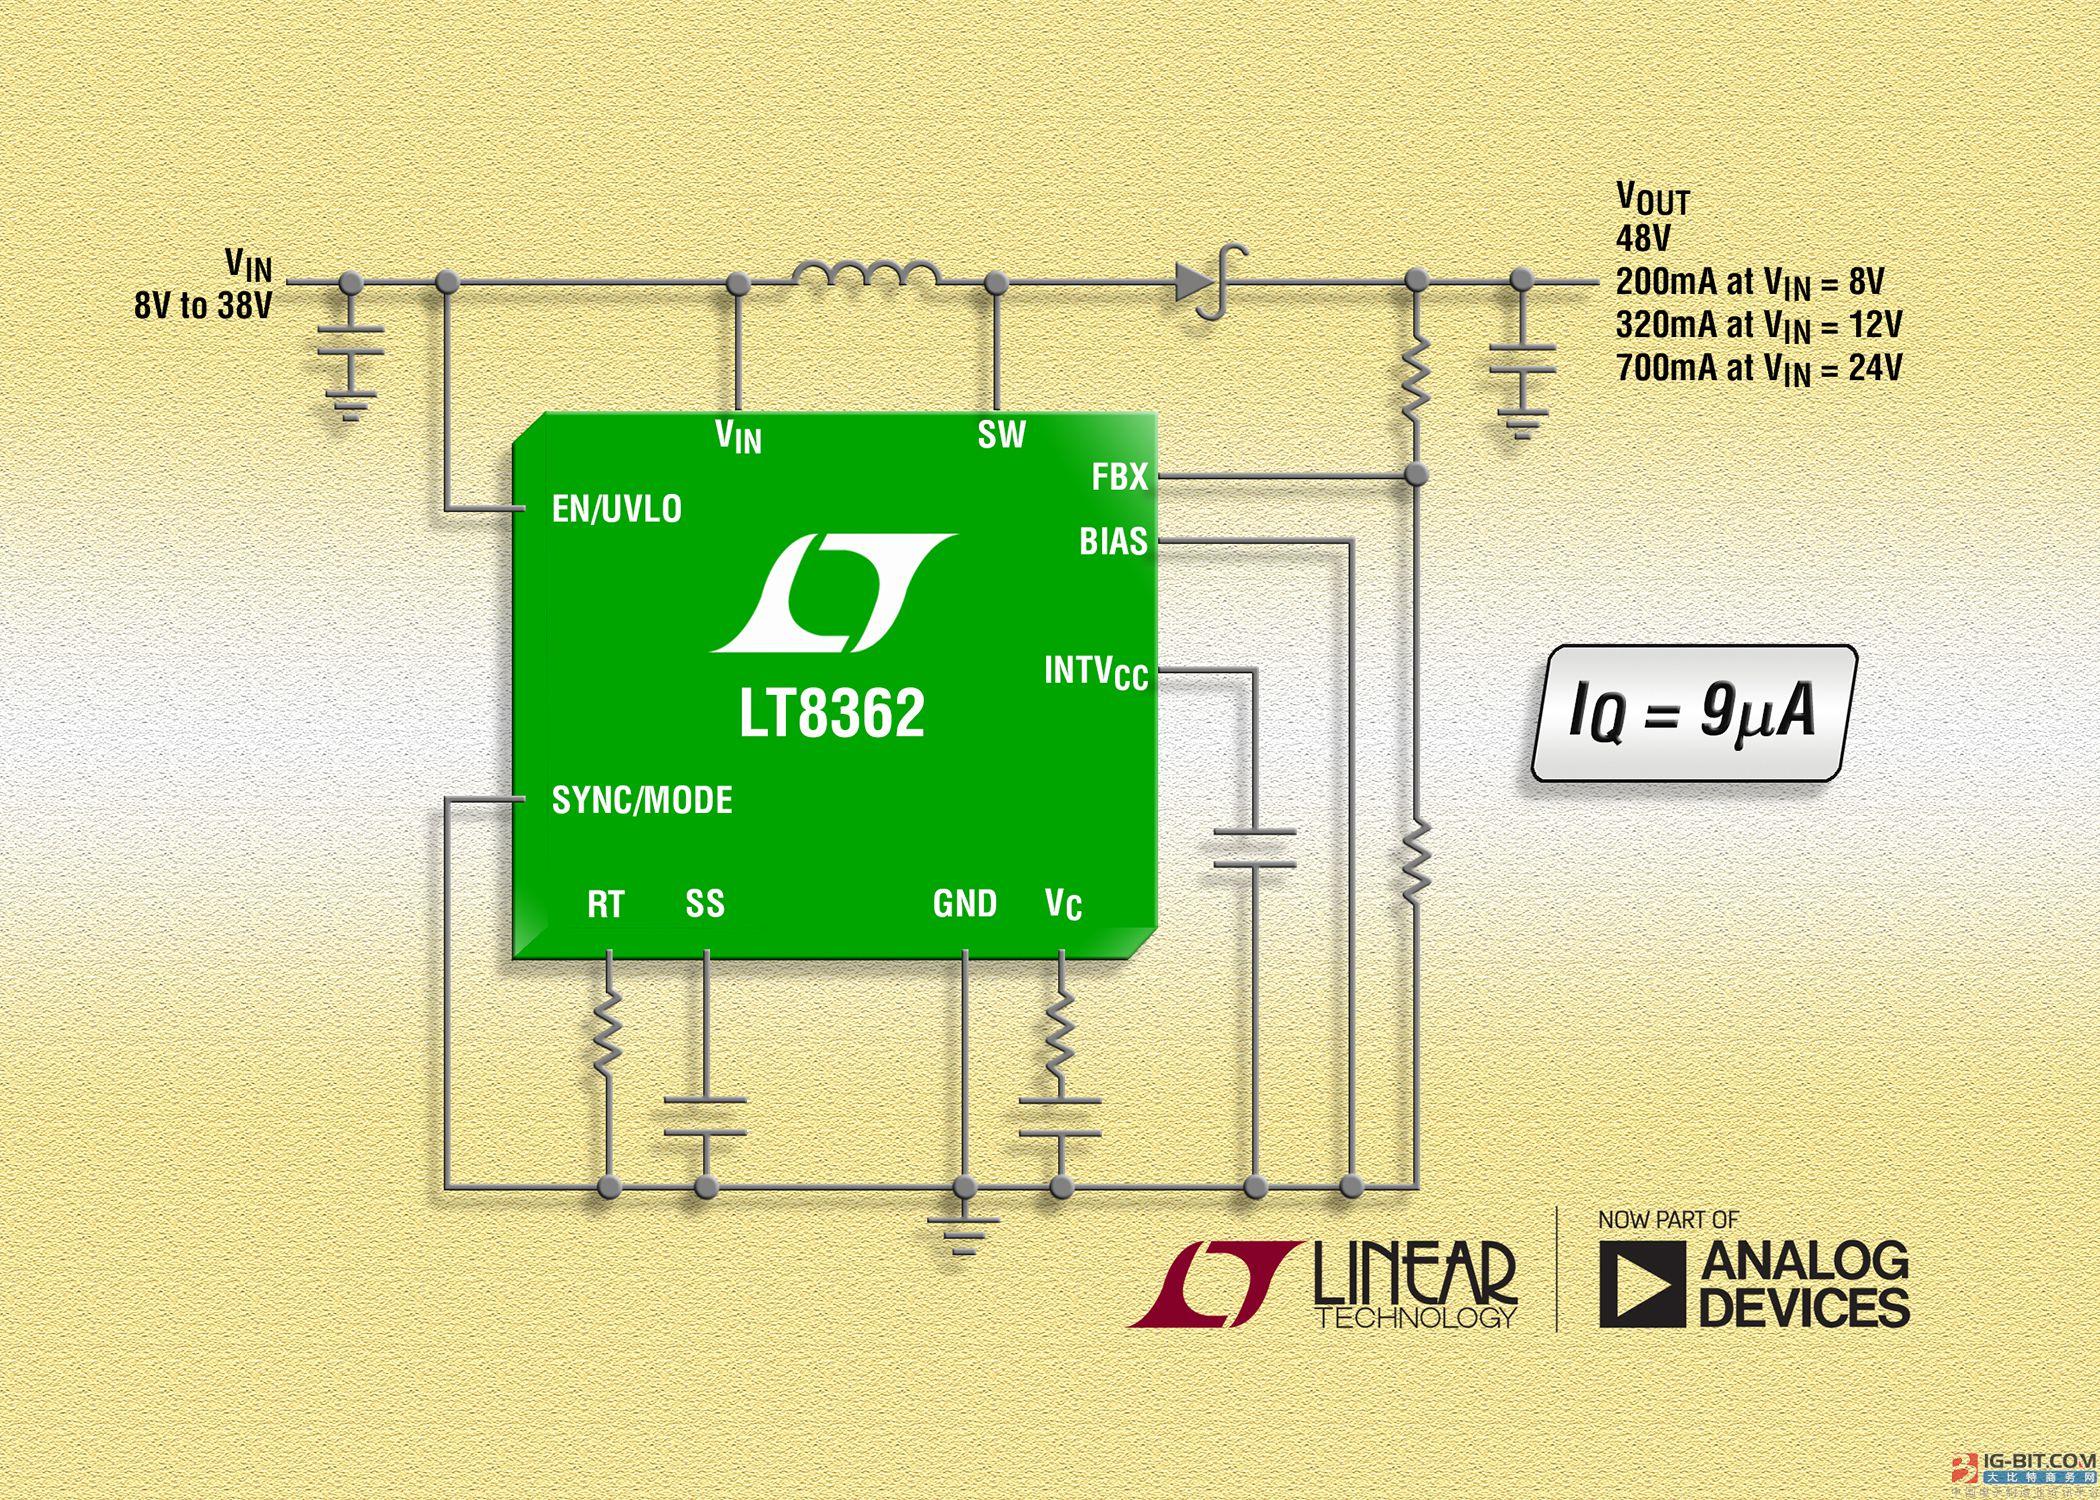 具 9µA 静态电流的2A、2MHz、 60V 升压/ SEPIC / 负输出 DC/DC 转换器